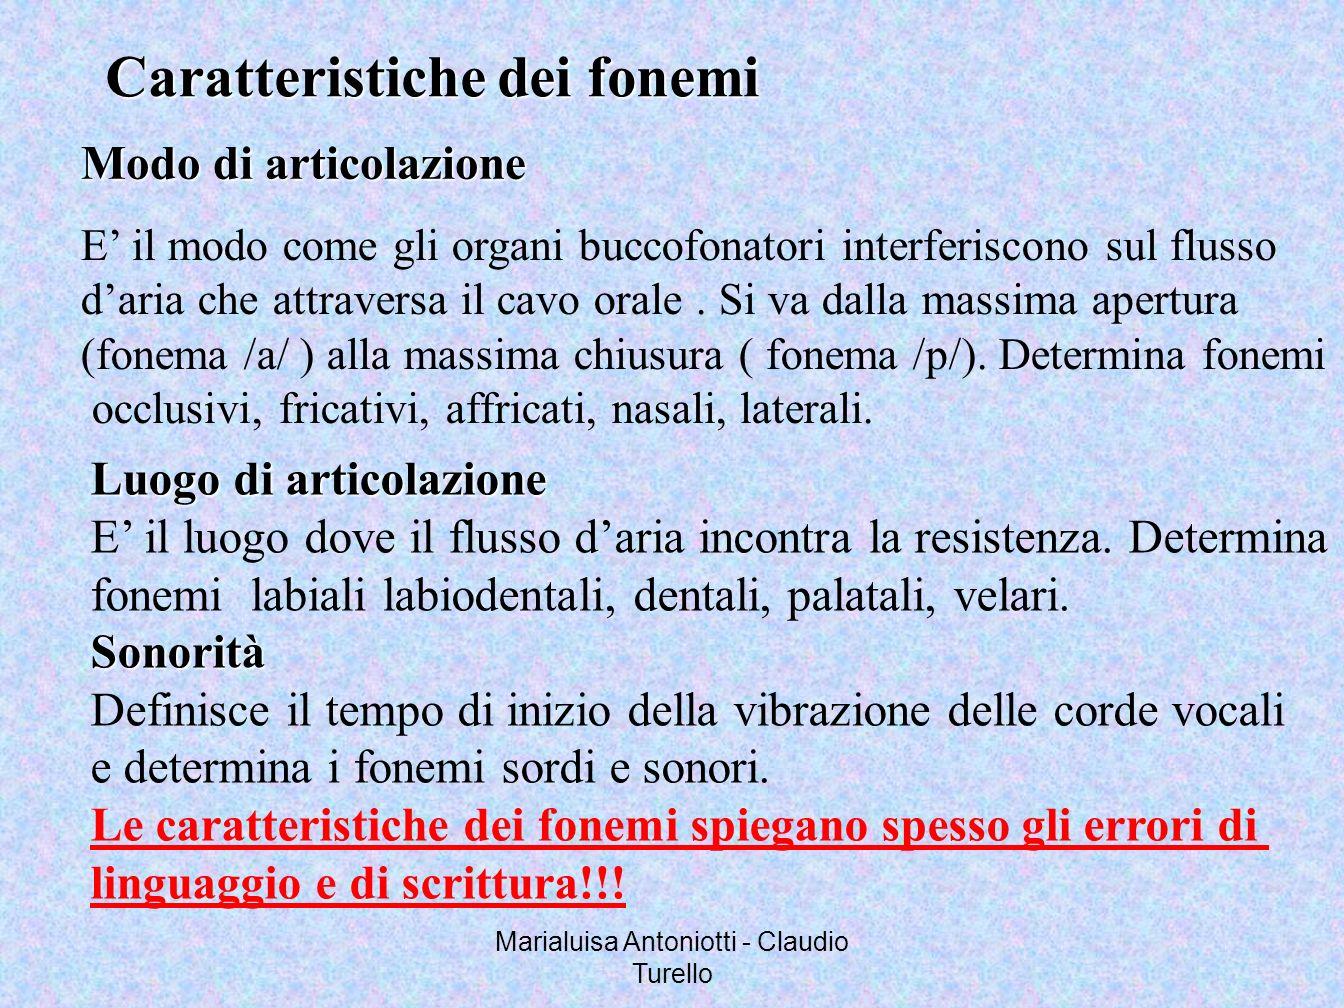 Marialuisa Antoniotti - Claudio Turello Modo di articolazione E il modo come gli organi buccofonatori interferiscono sul flusso daria che attraversa i